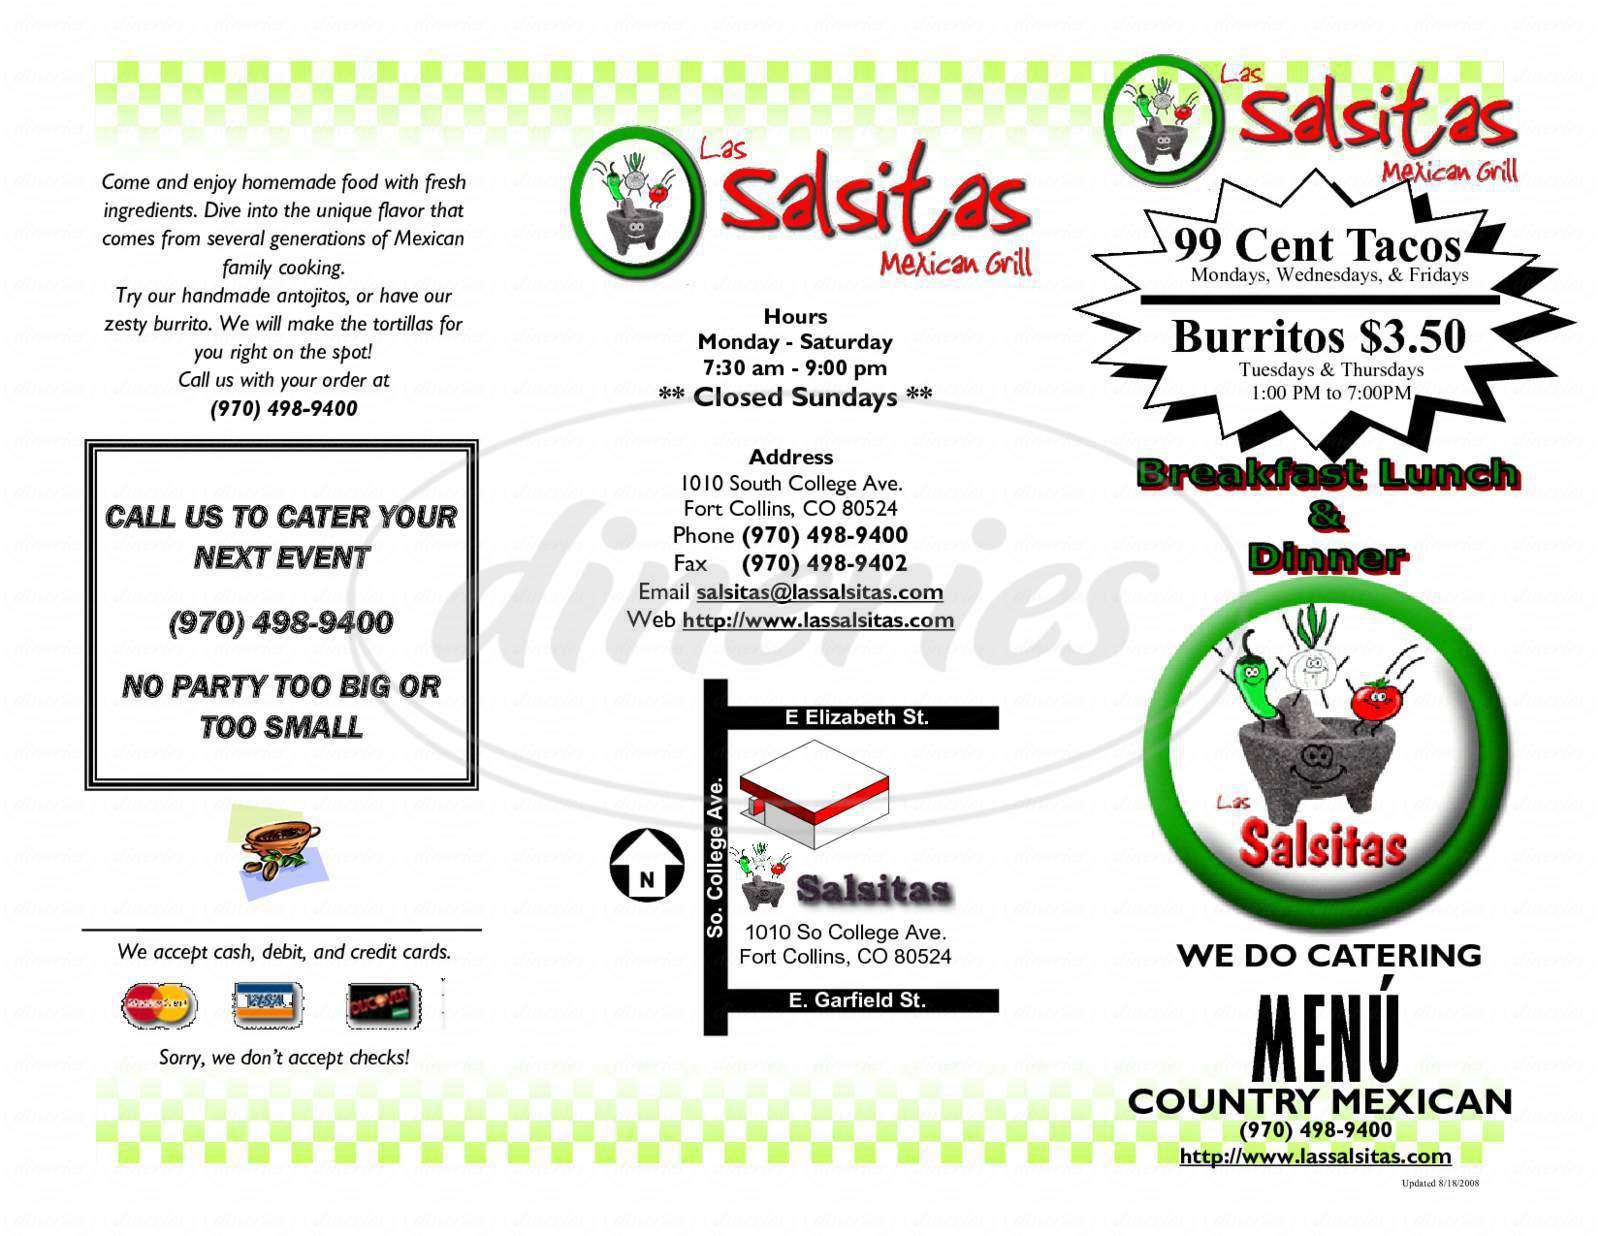 menu for Las Salsitas Mexican Grill